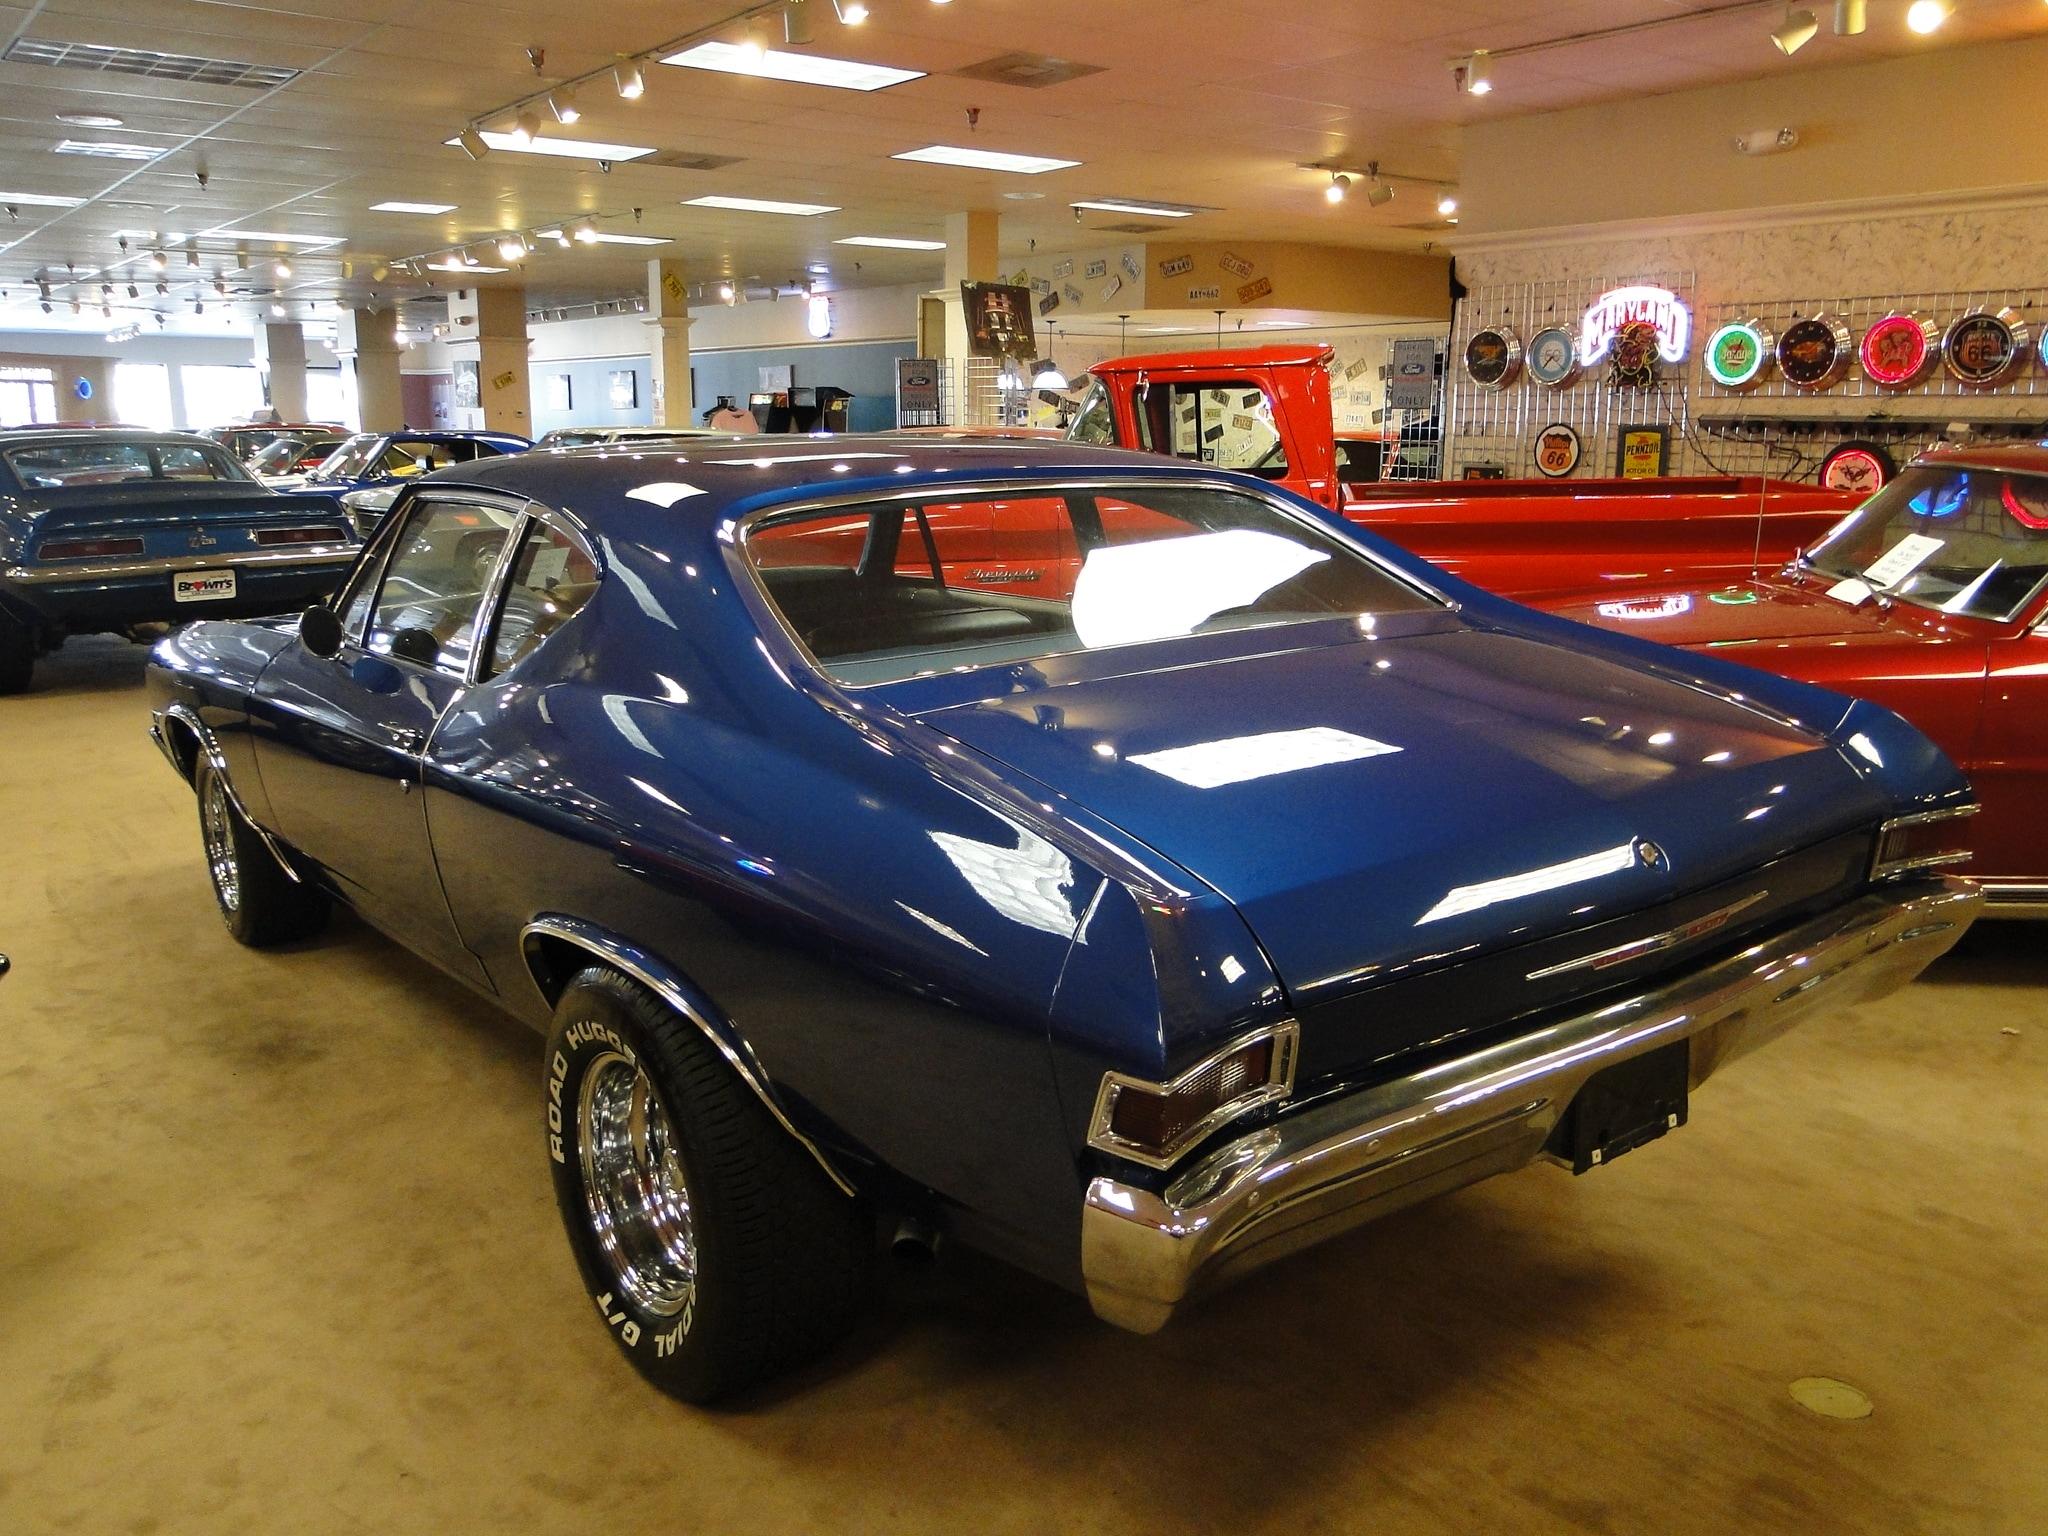 New 1968 Chevrolet Chevelle Malibu  Glen Burnie MD Baltimore